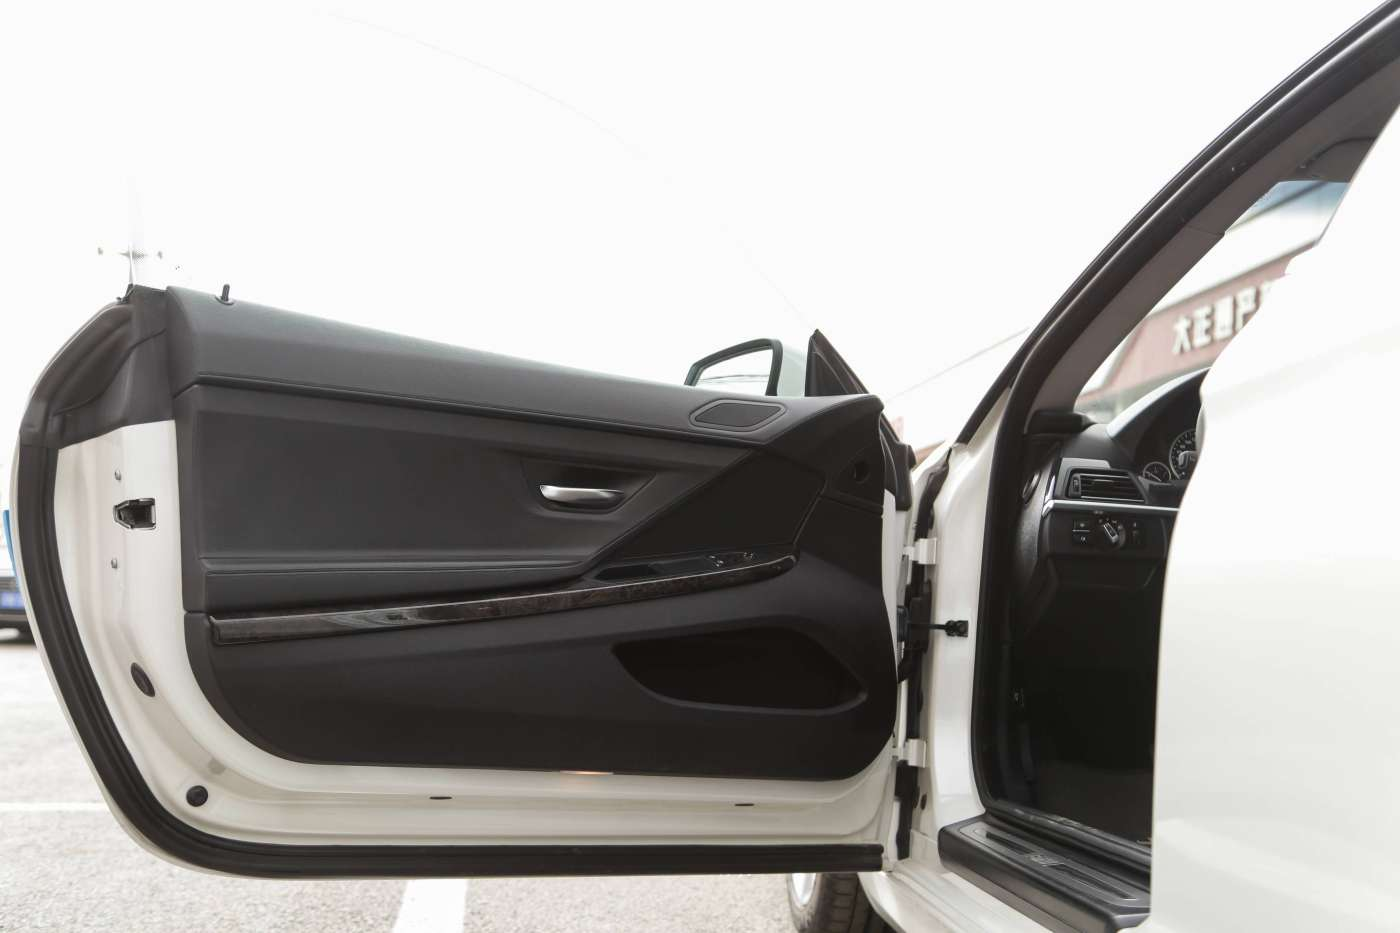 宝马6系 2012款 640i双门轿跑车|甄选宝马-北京卡斯基汽车服务有限公司